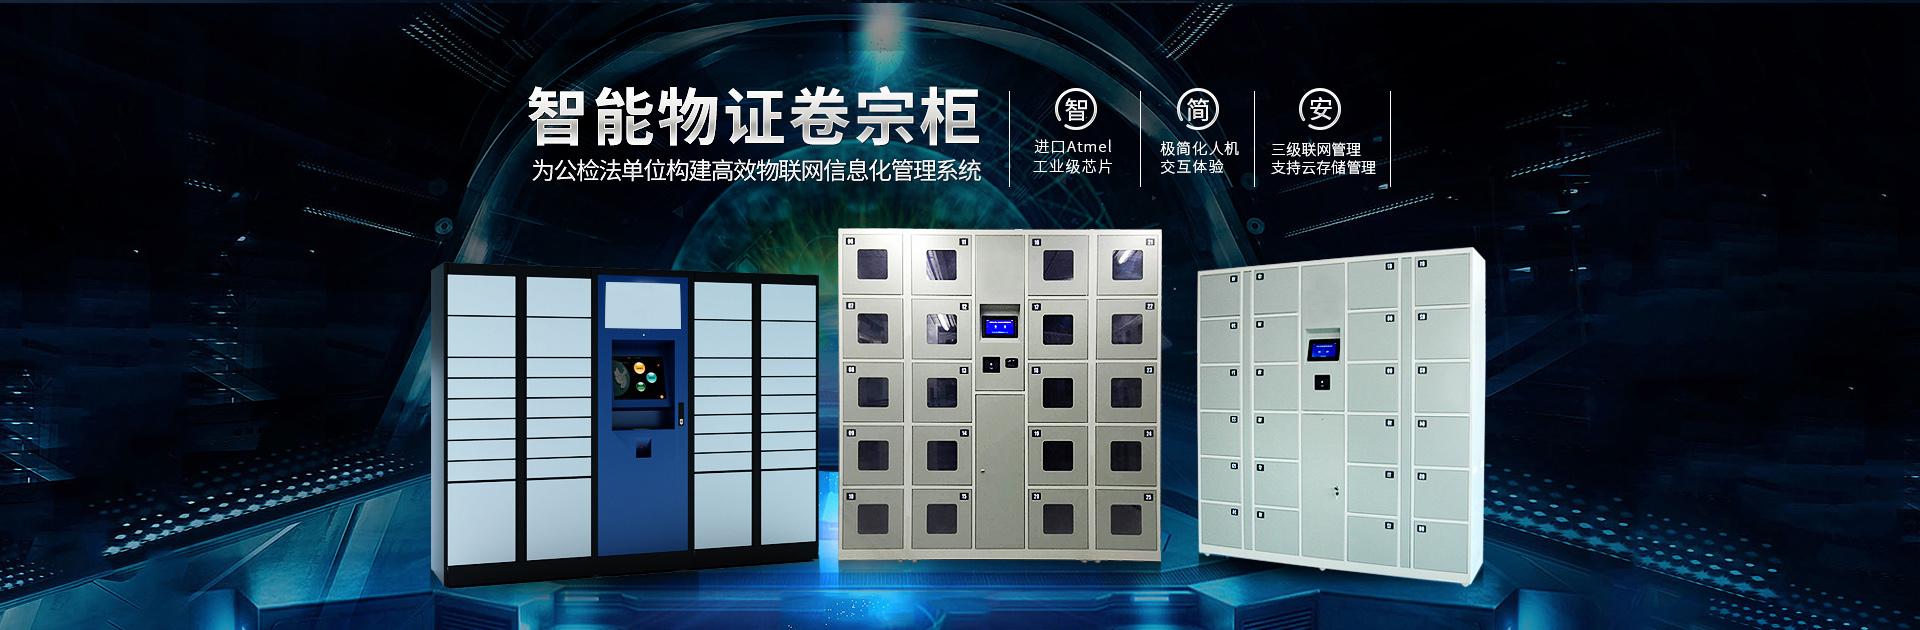 天瑞恒安智能物证致力于物品智能化寄存管理柜